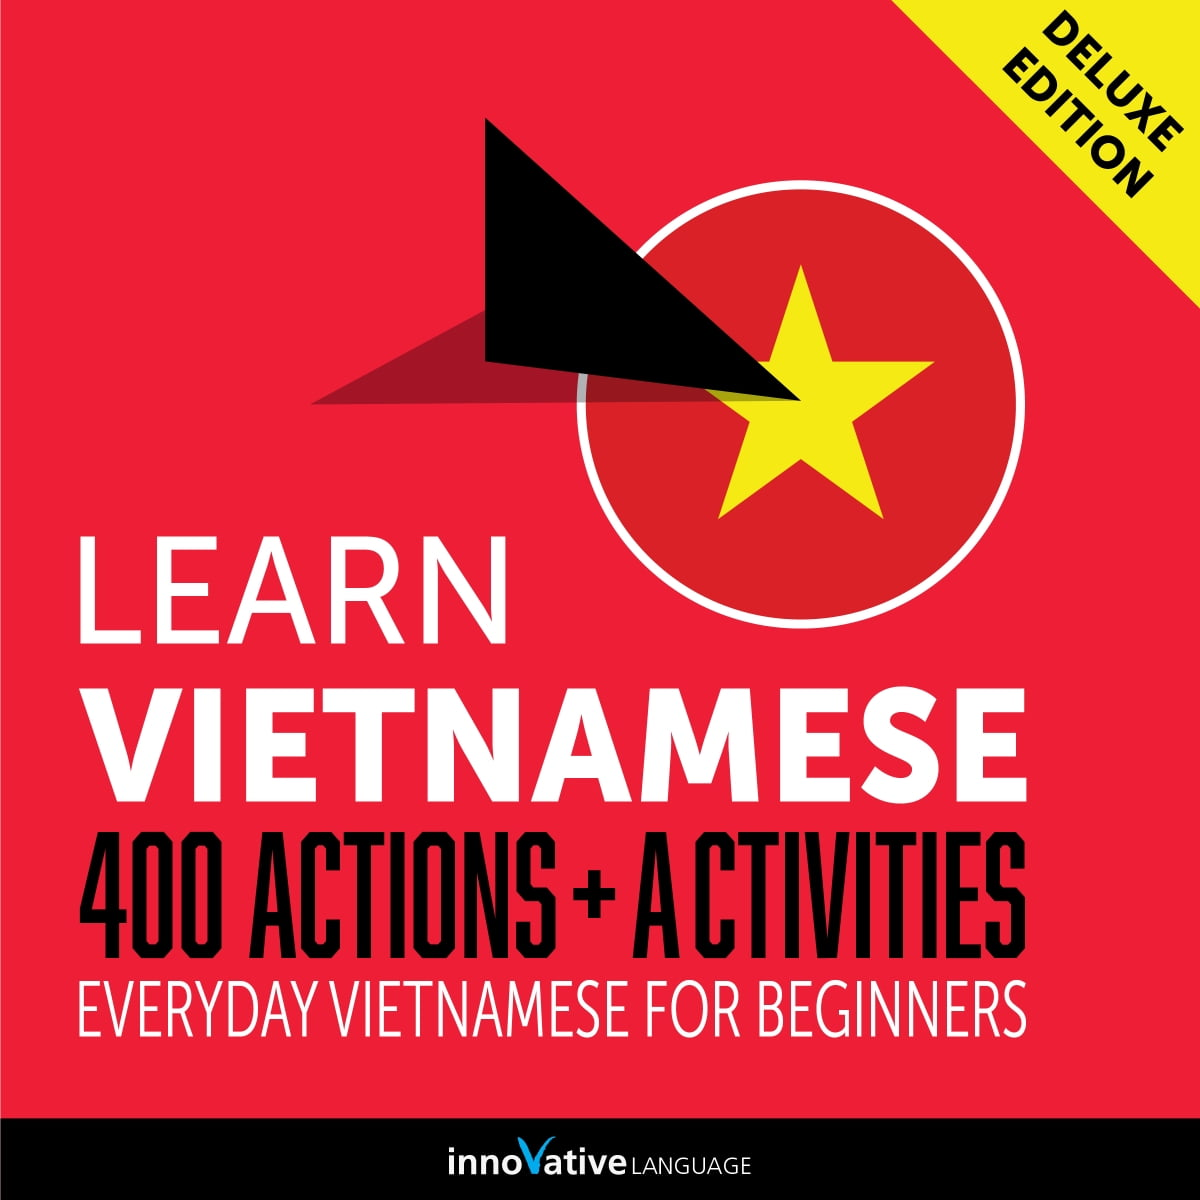 Learn Vietnamese 400 Actions Activities